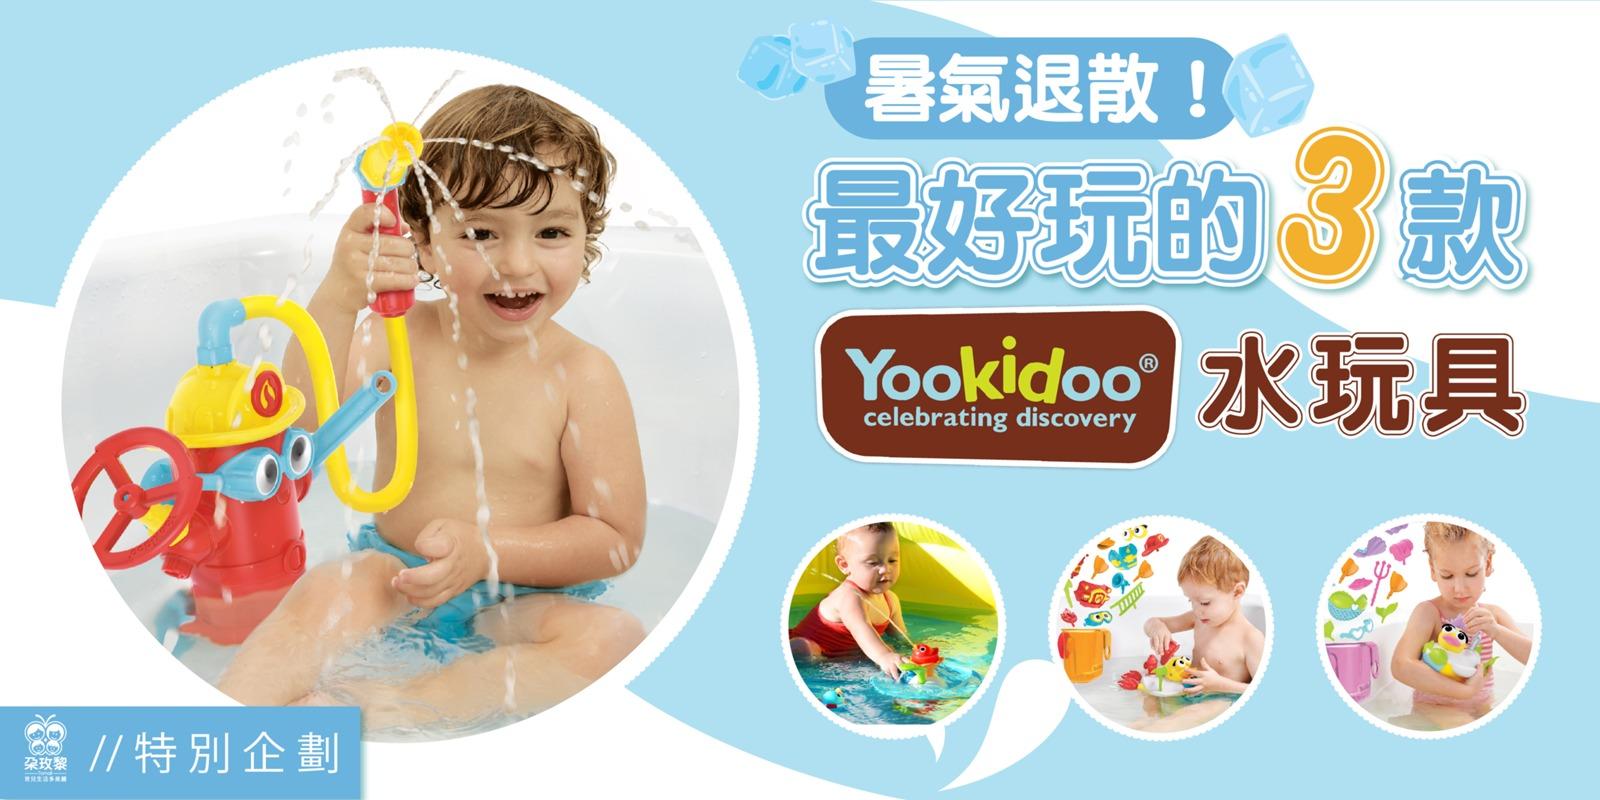 朶特企|暑氣退散!最好玩的3款Yookidoo水玩具